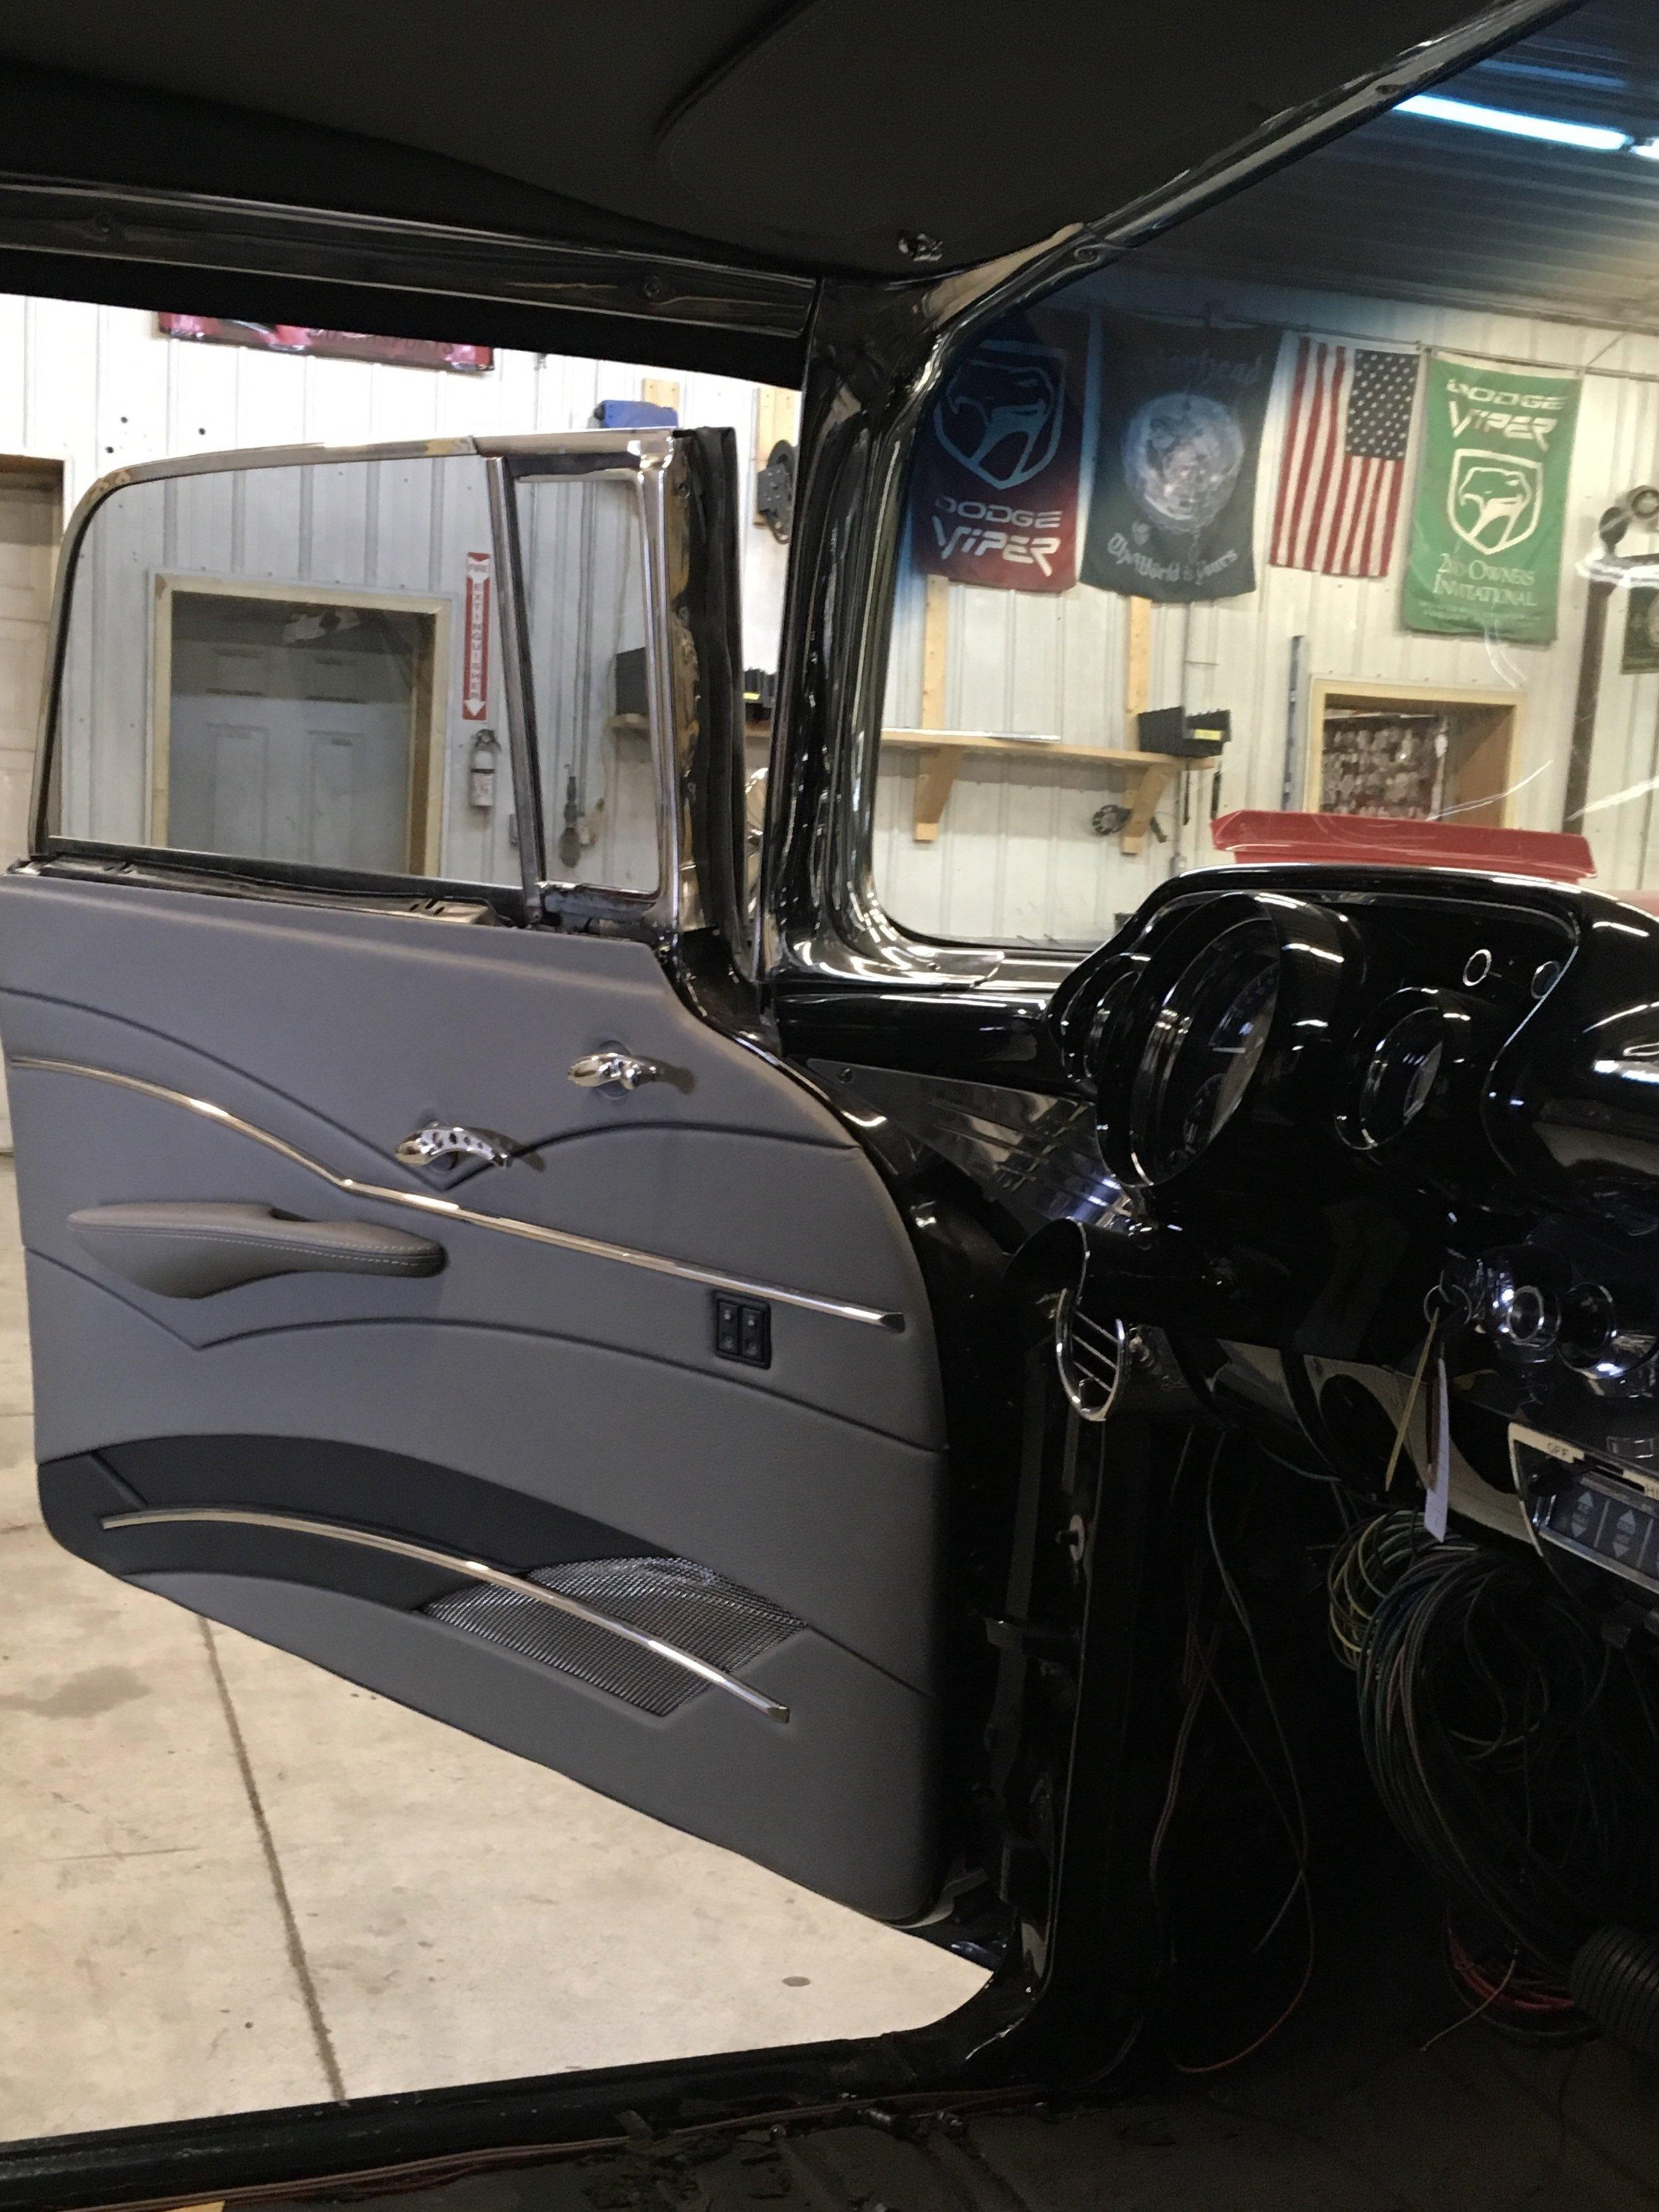 1957-Nomad-minneapolis-hot-rod-restoration-hot-rod-factory-interior-door.jpg